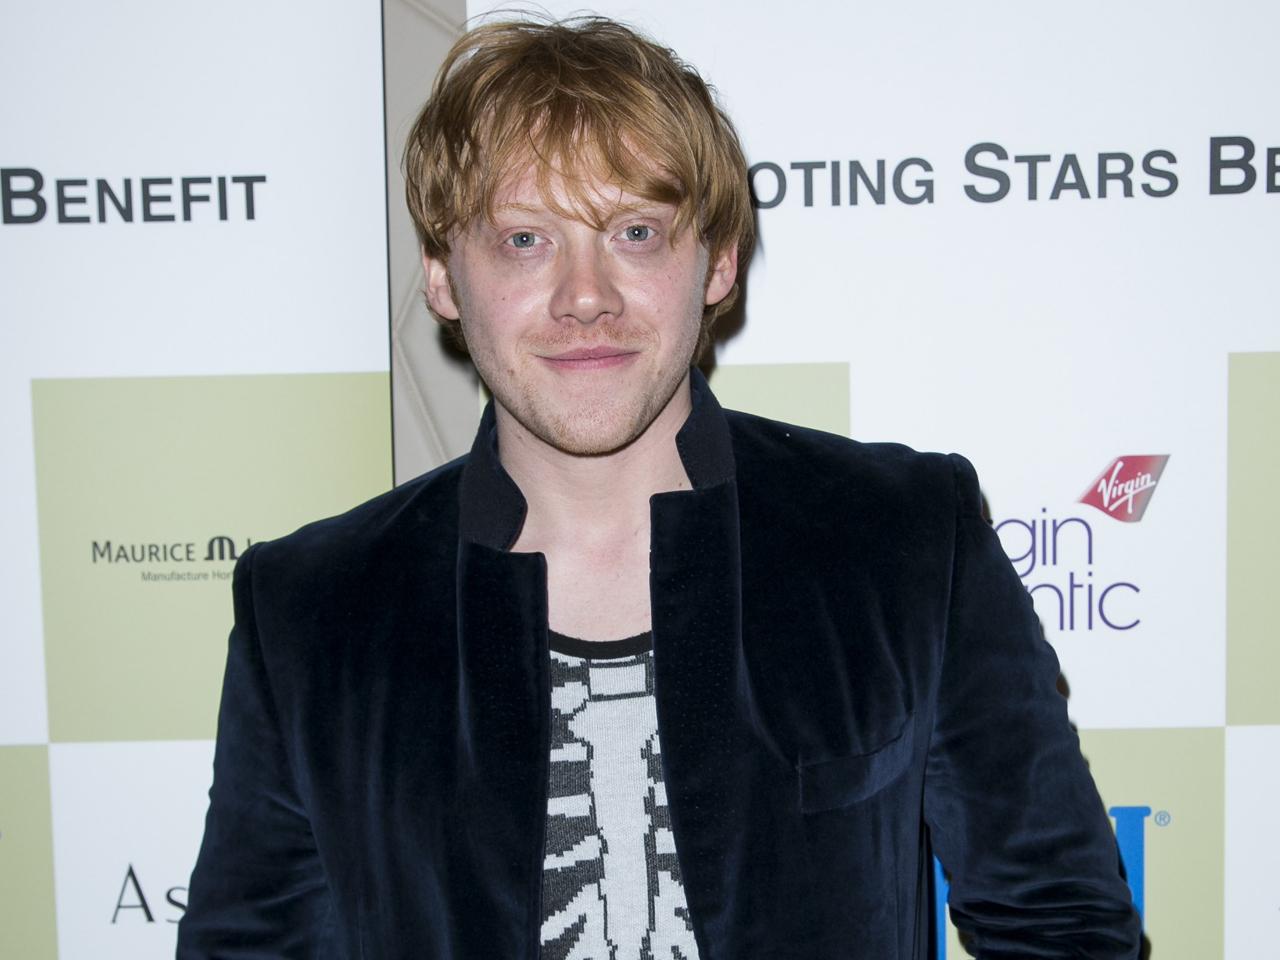 Rupert grint lives in london